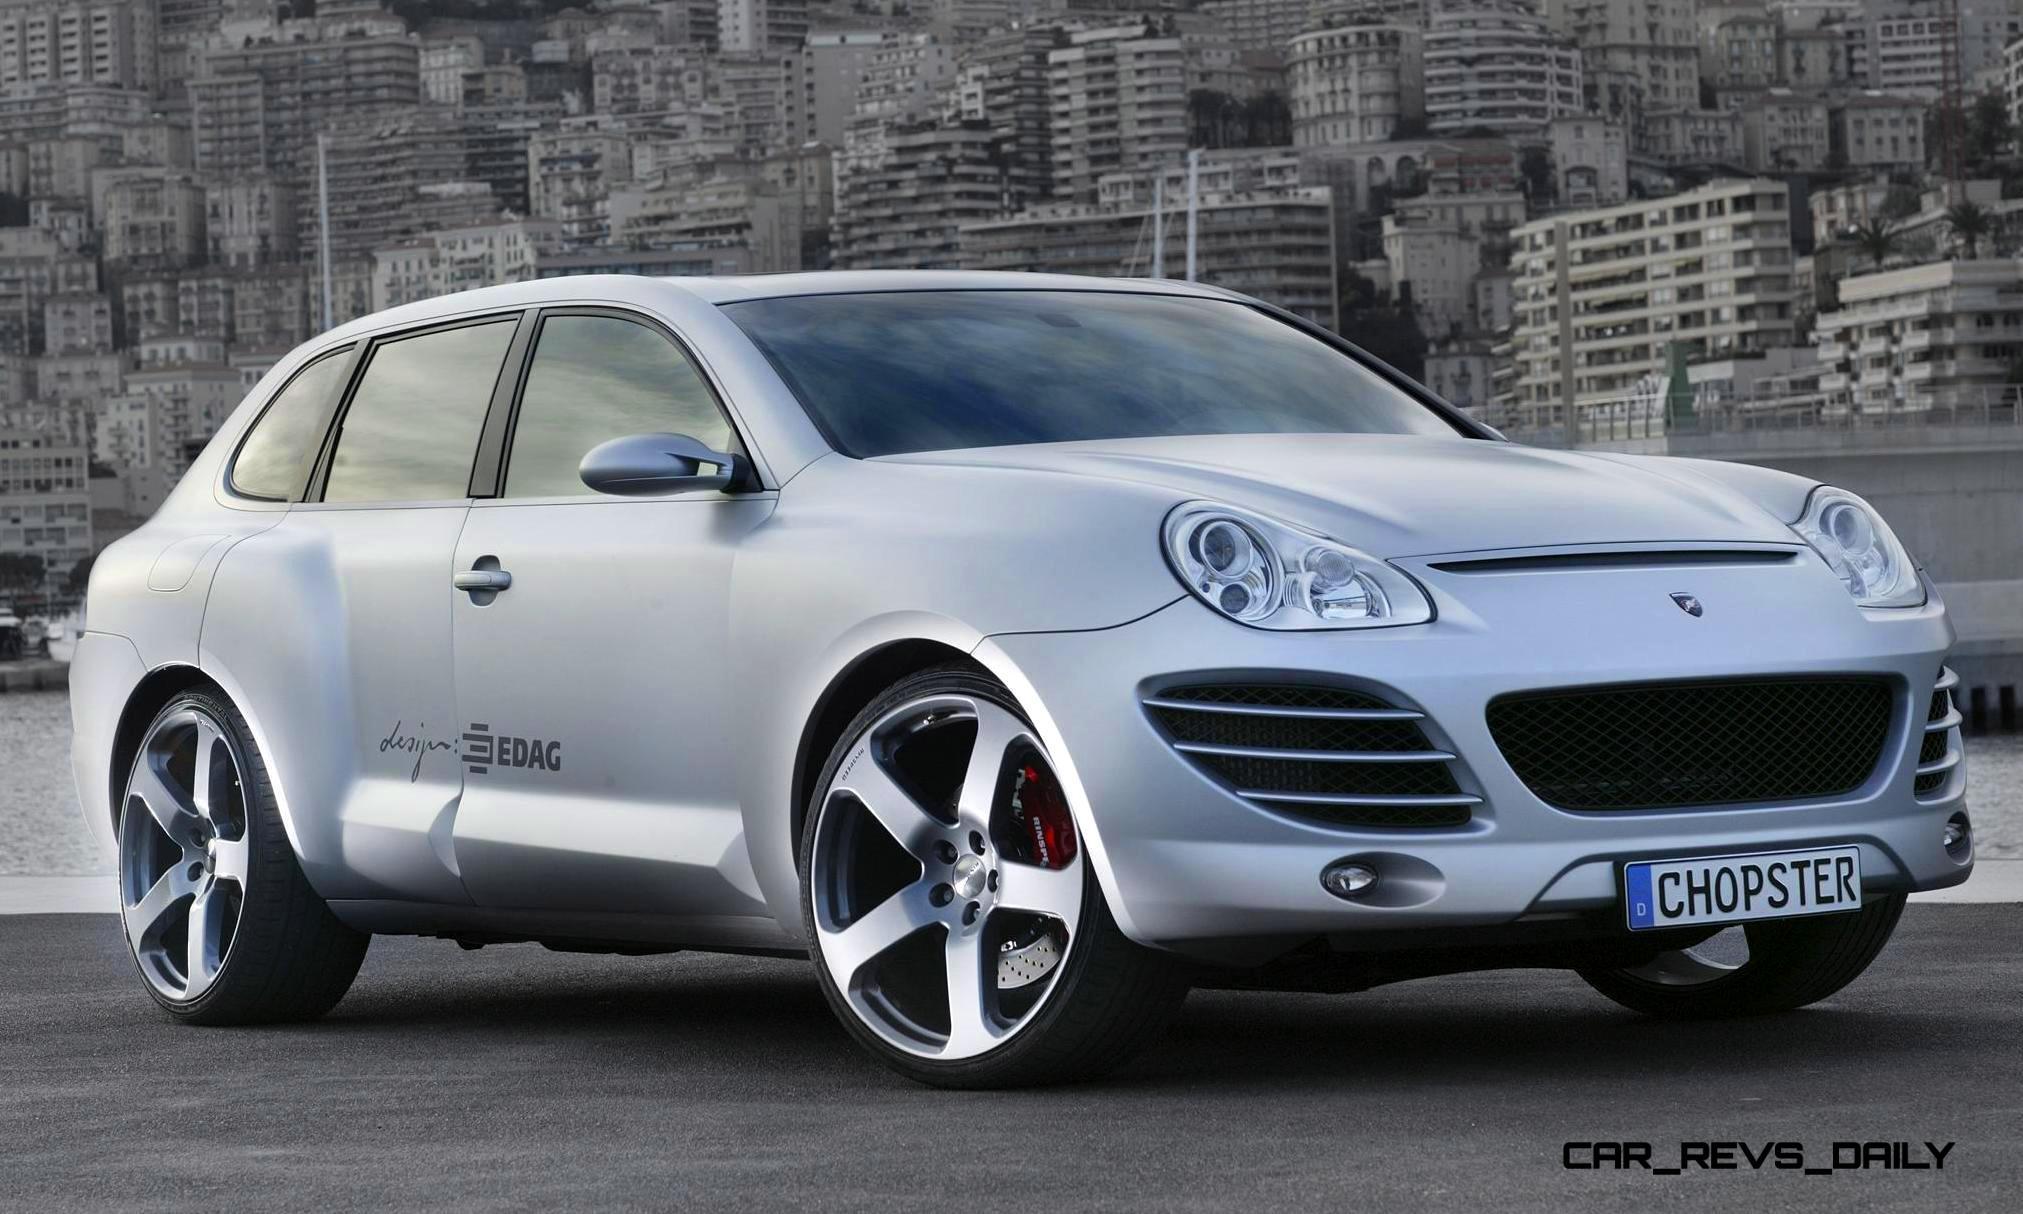 2005 RINSPEED Chopster Vs Porsche